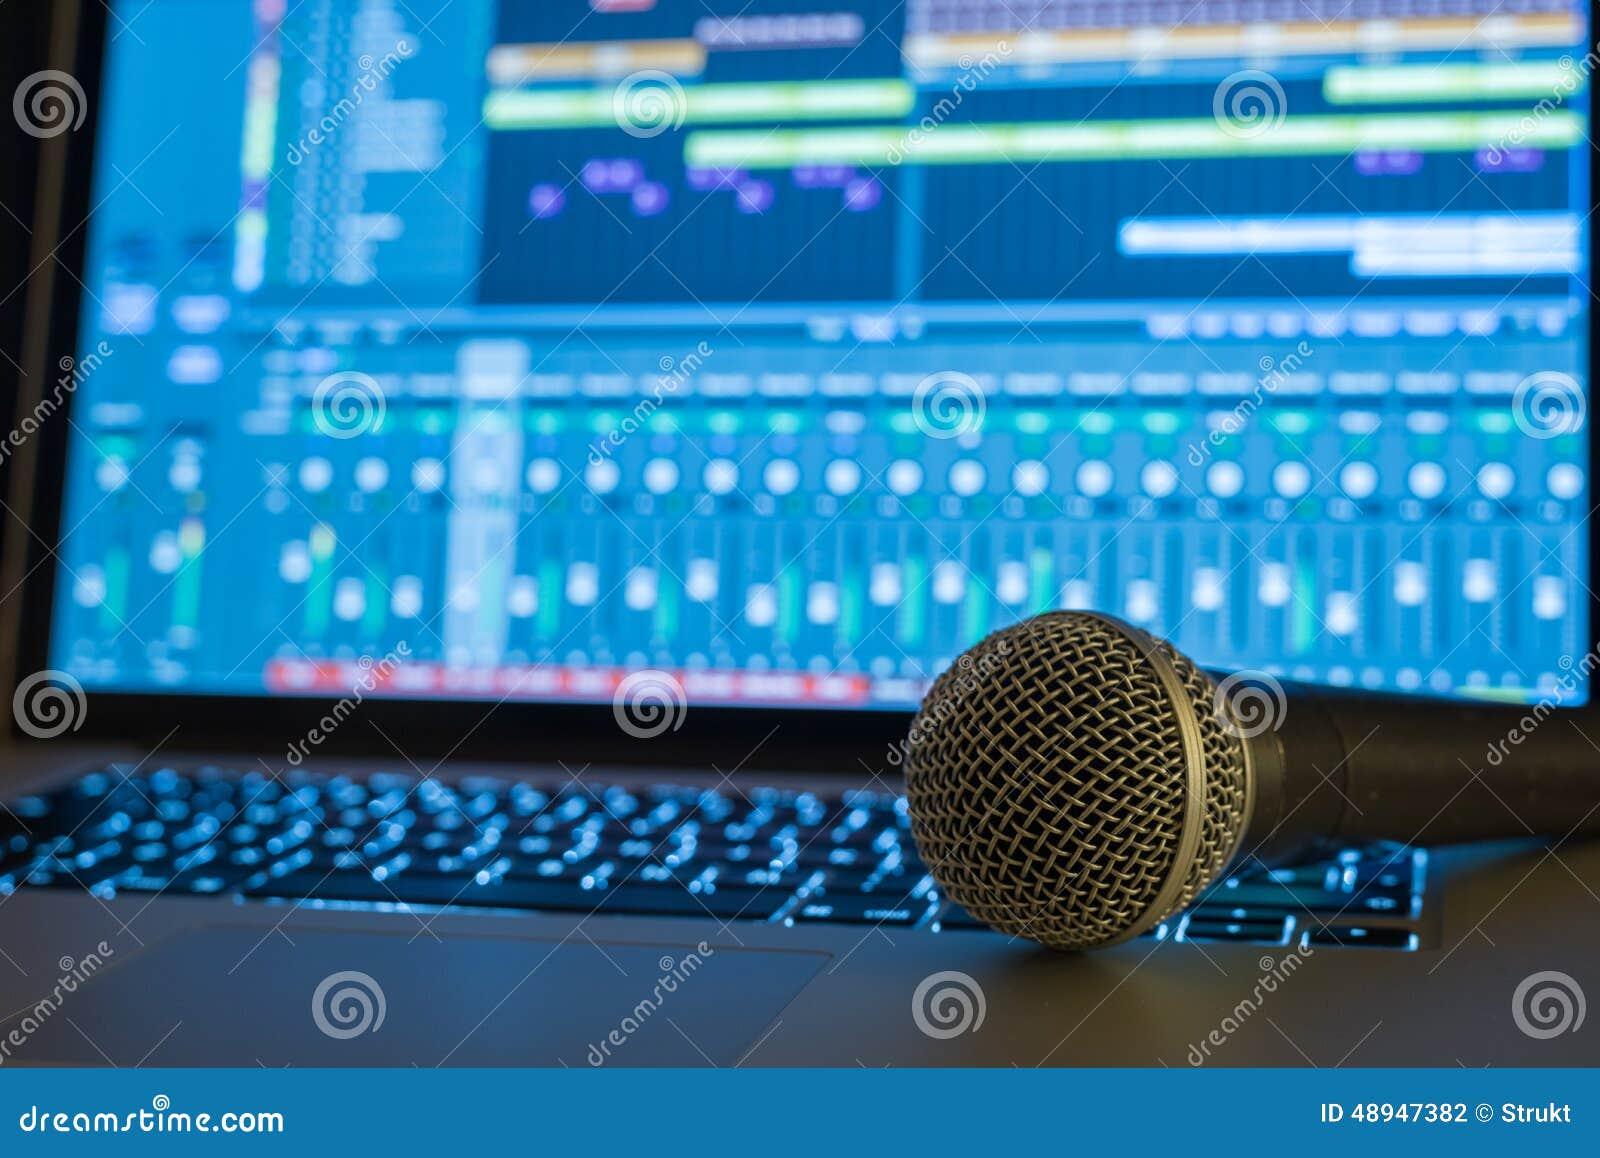 Home Recording Studio Stock Photo - Image: 48947382